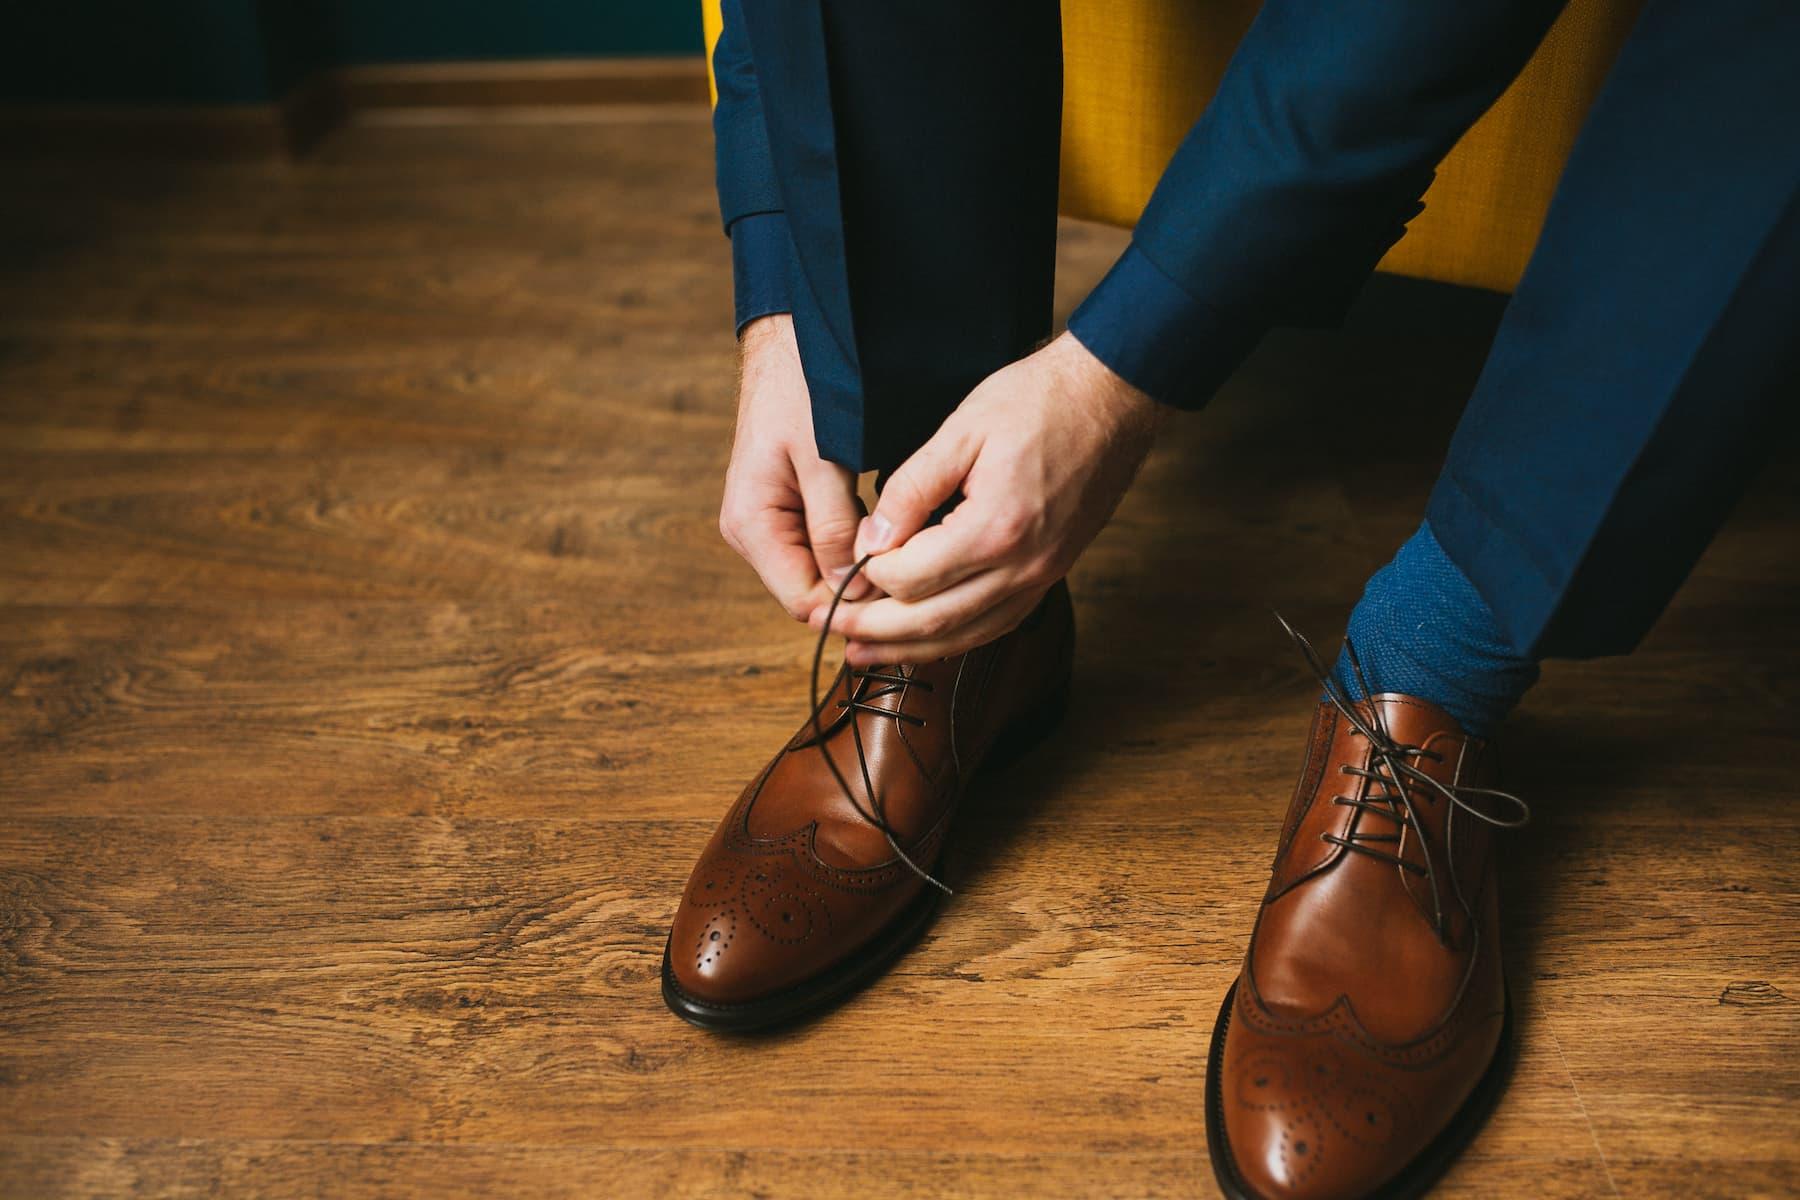 buty na ślub cywilny, co ubrać jako gość na ślub cywilny